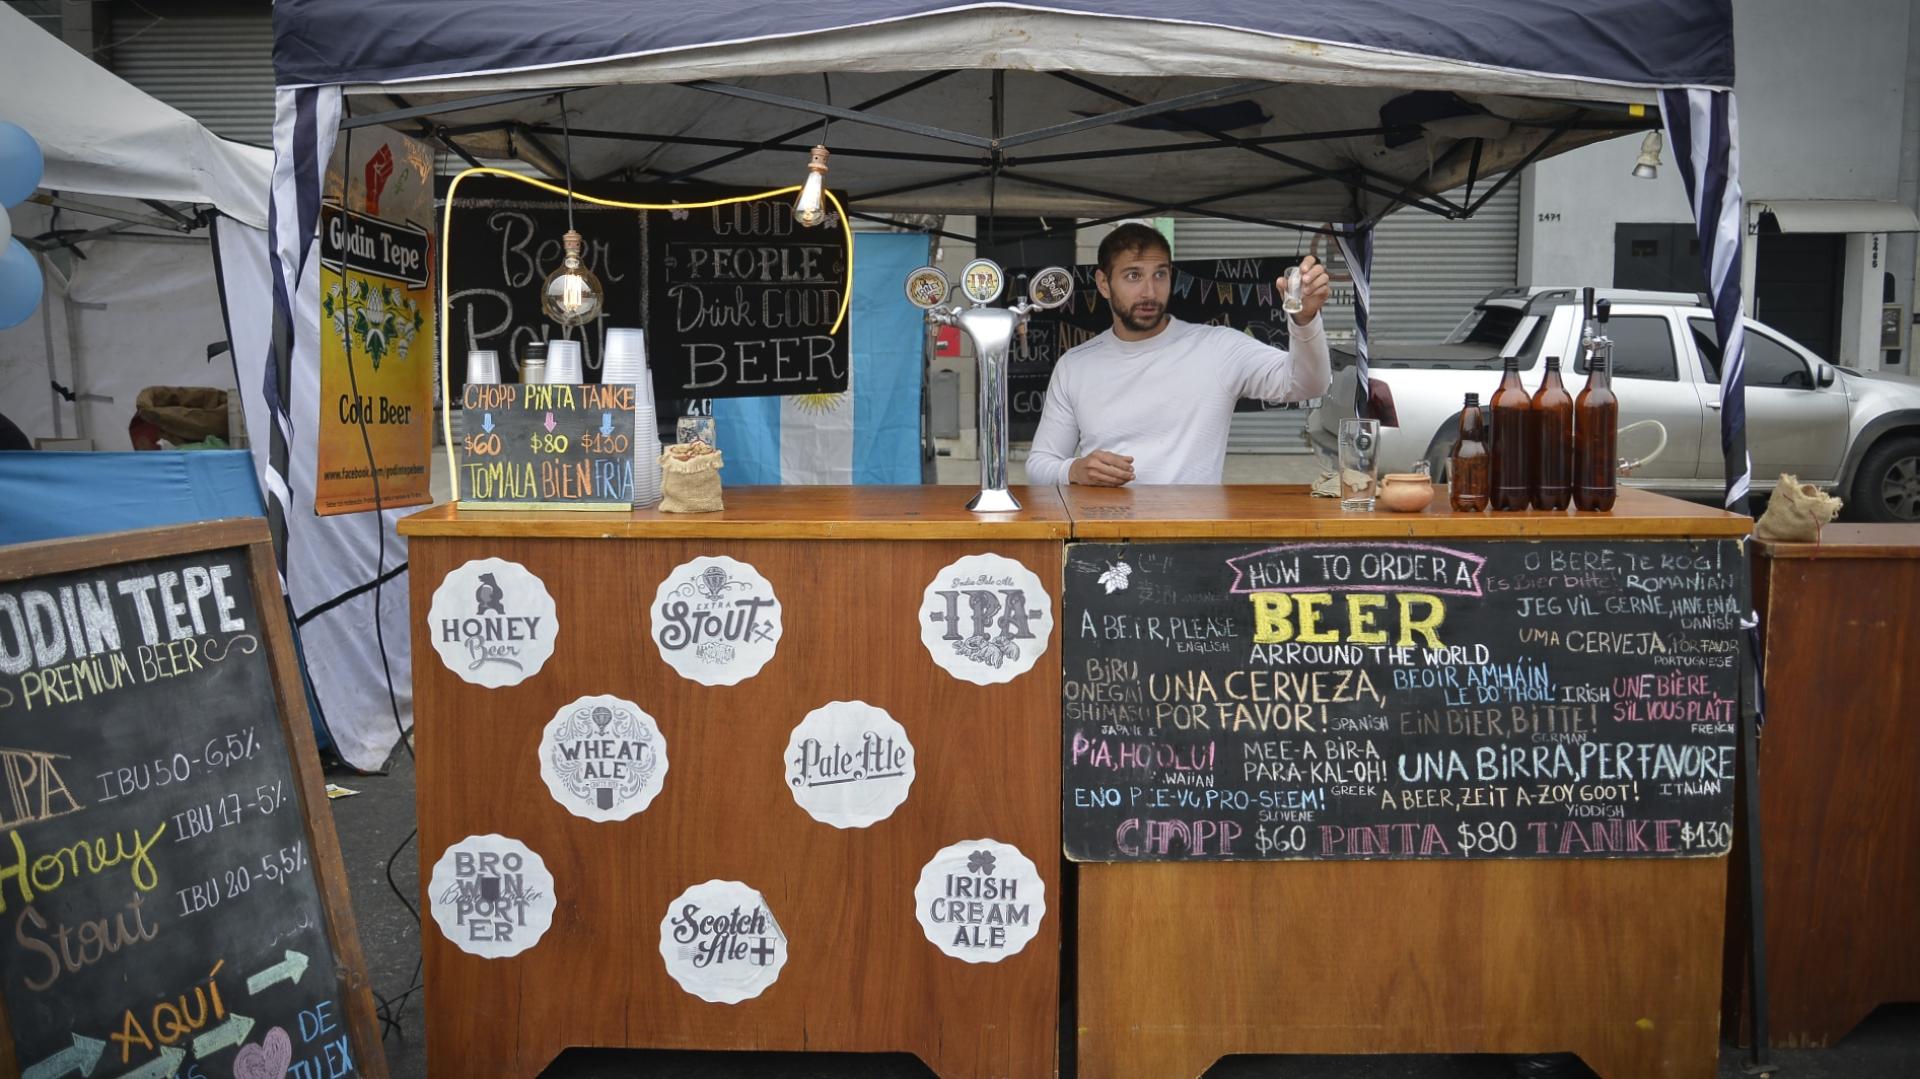 Un puesto de cerveza artesanal instalado en la feria